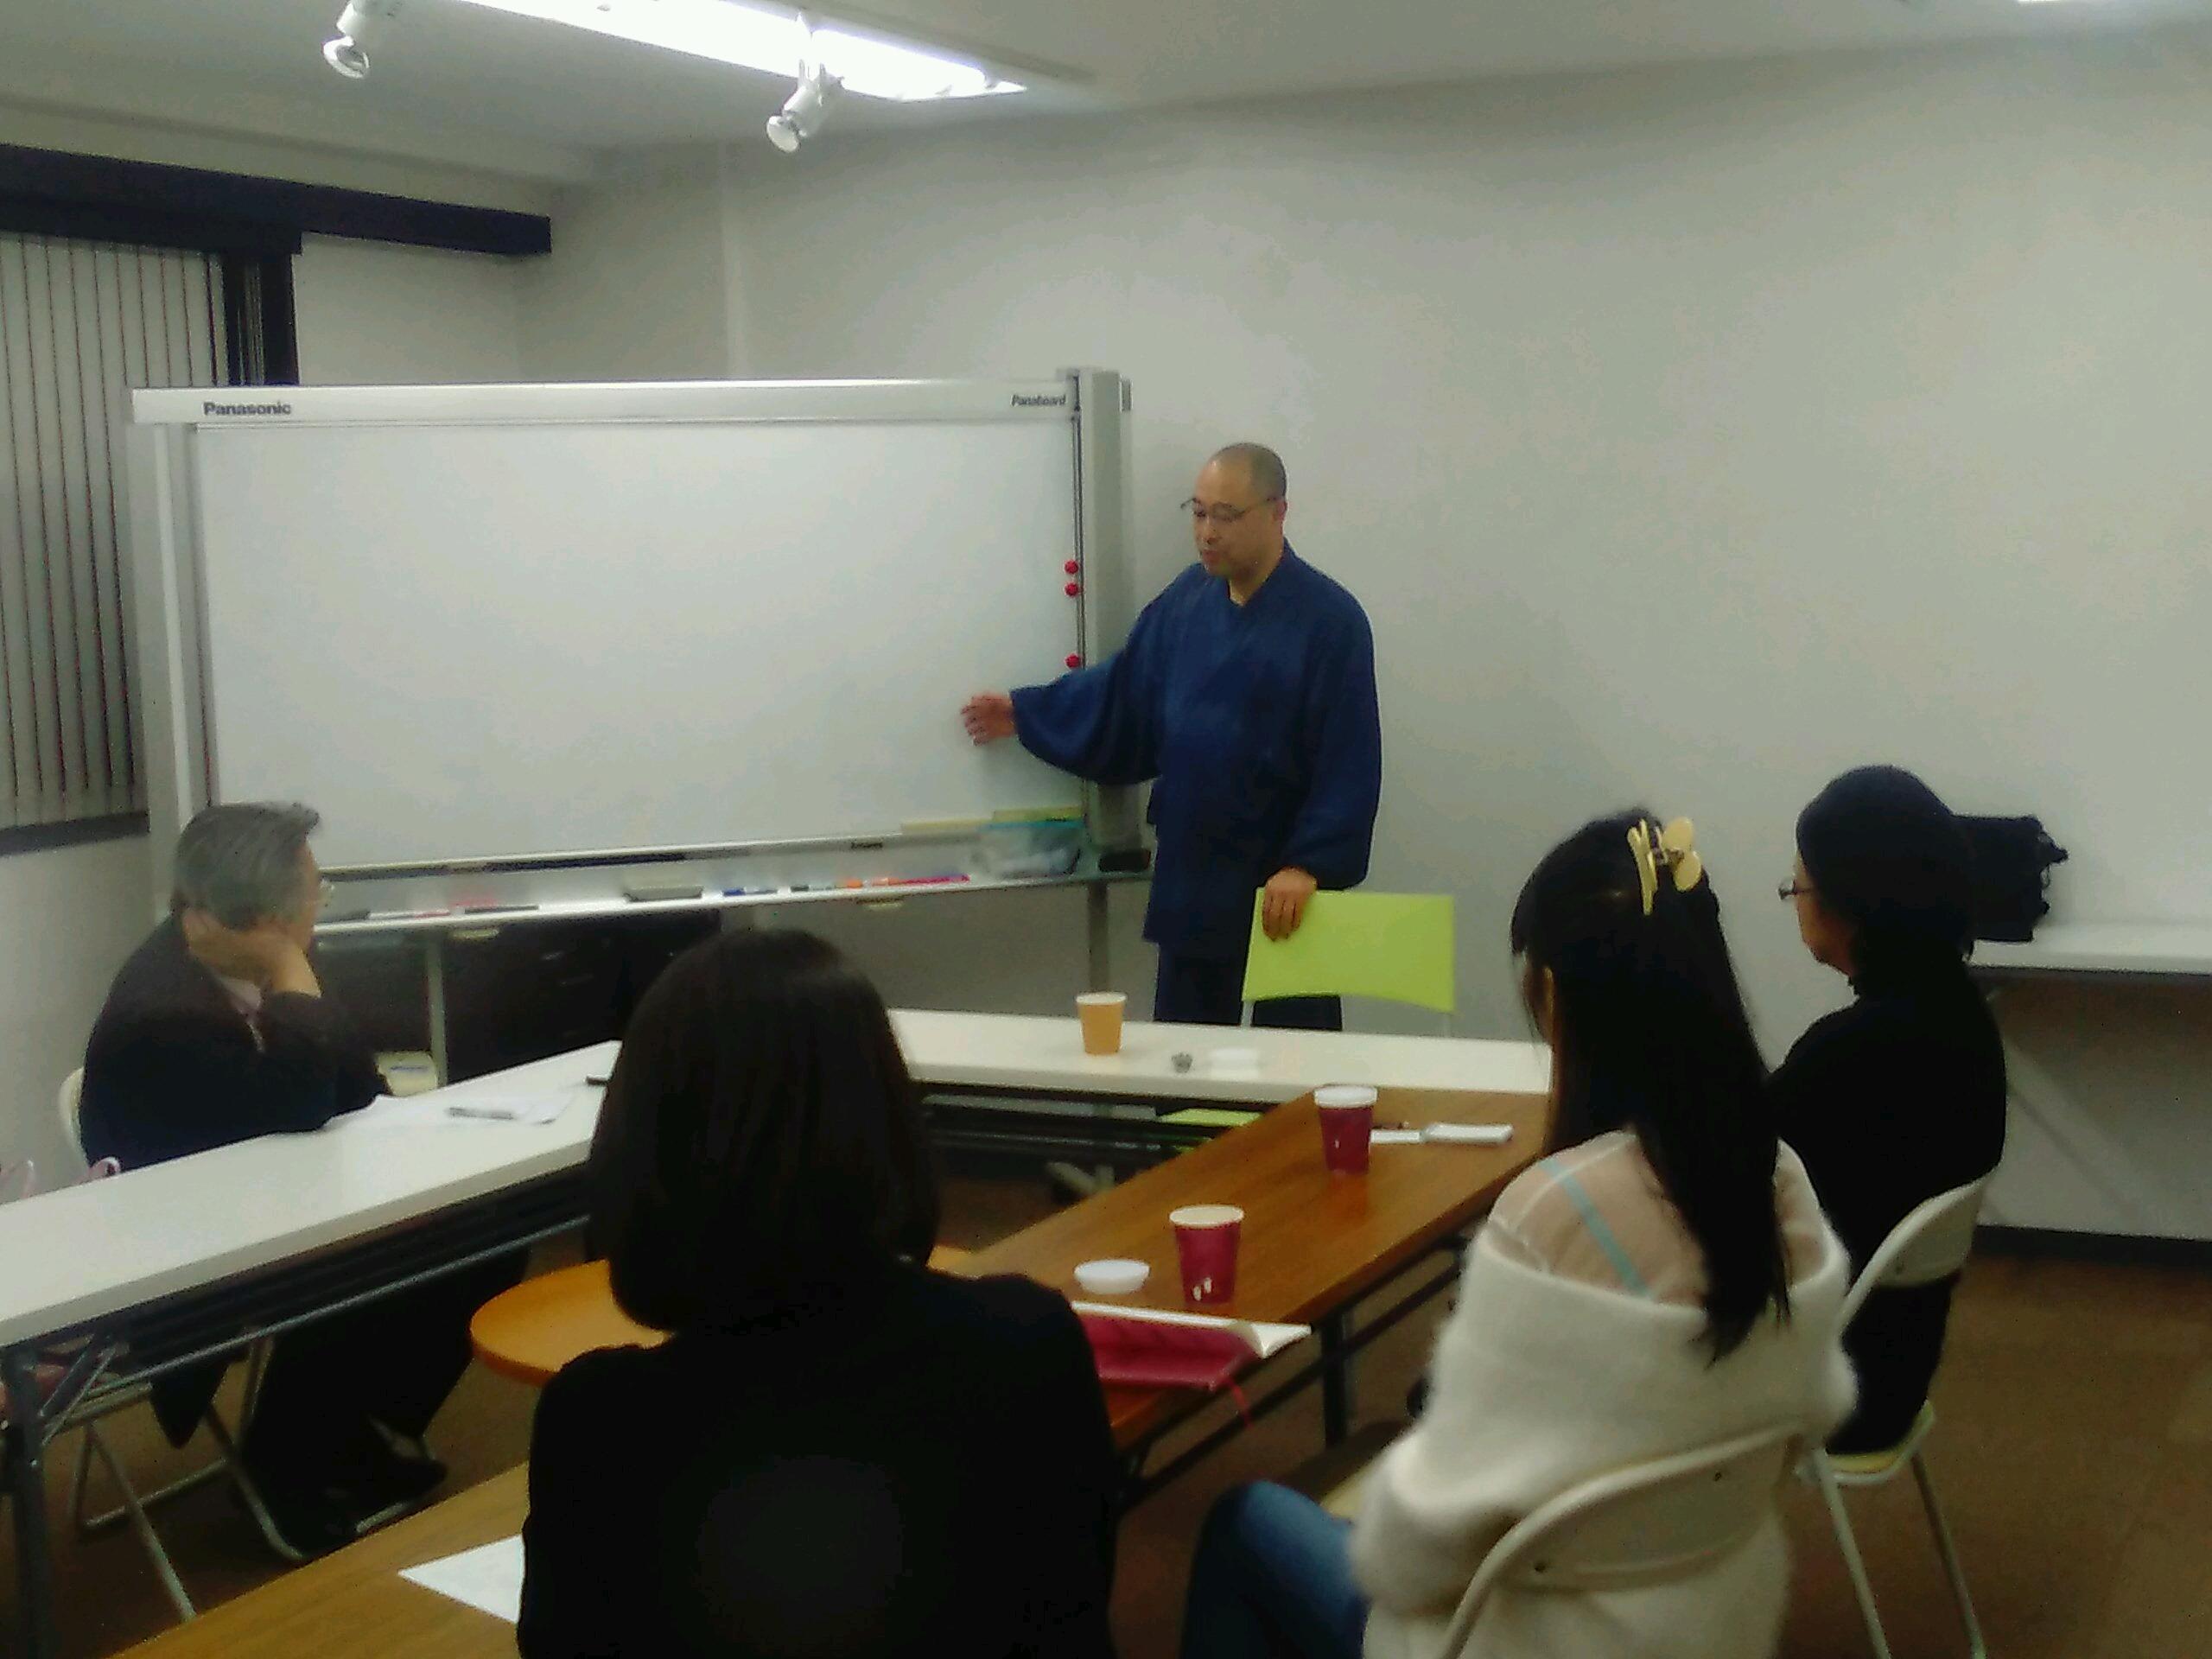 20190116200723 1 - 1月23日釈正輪老師講和会開催します。